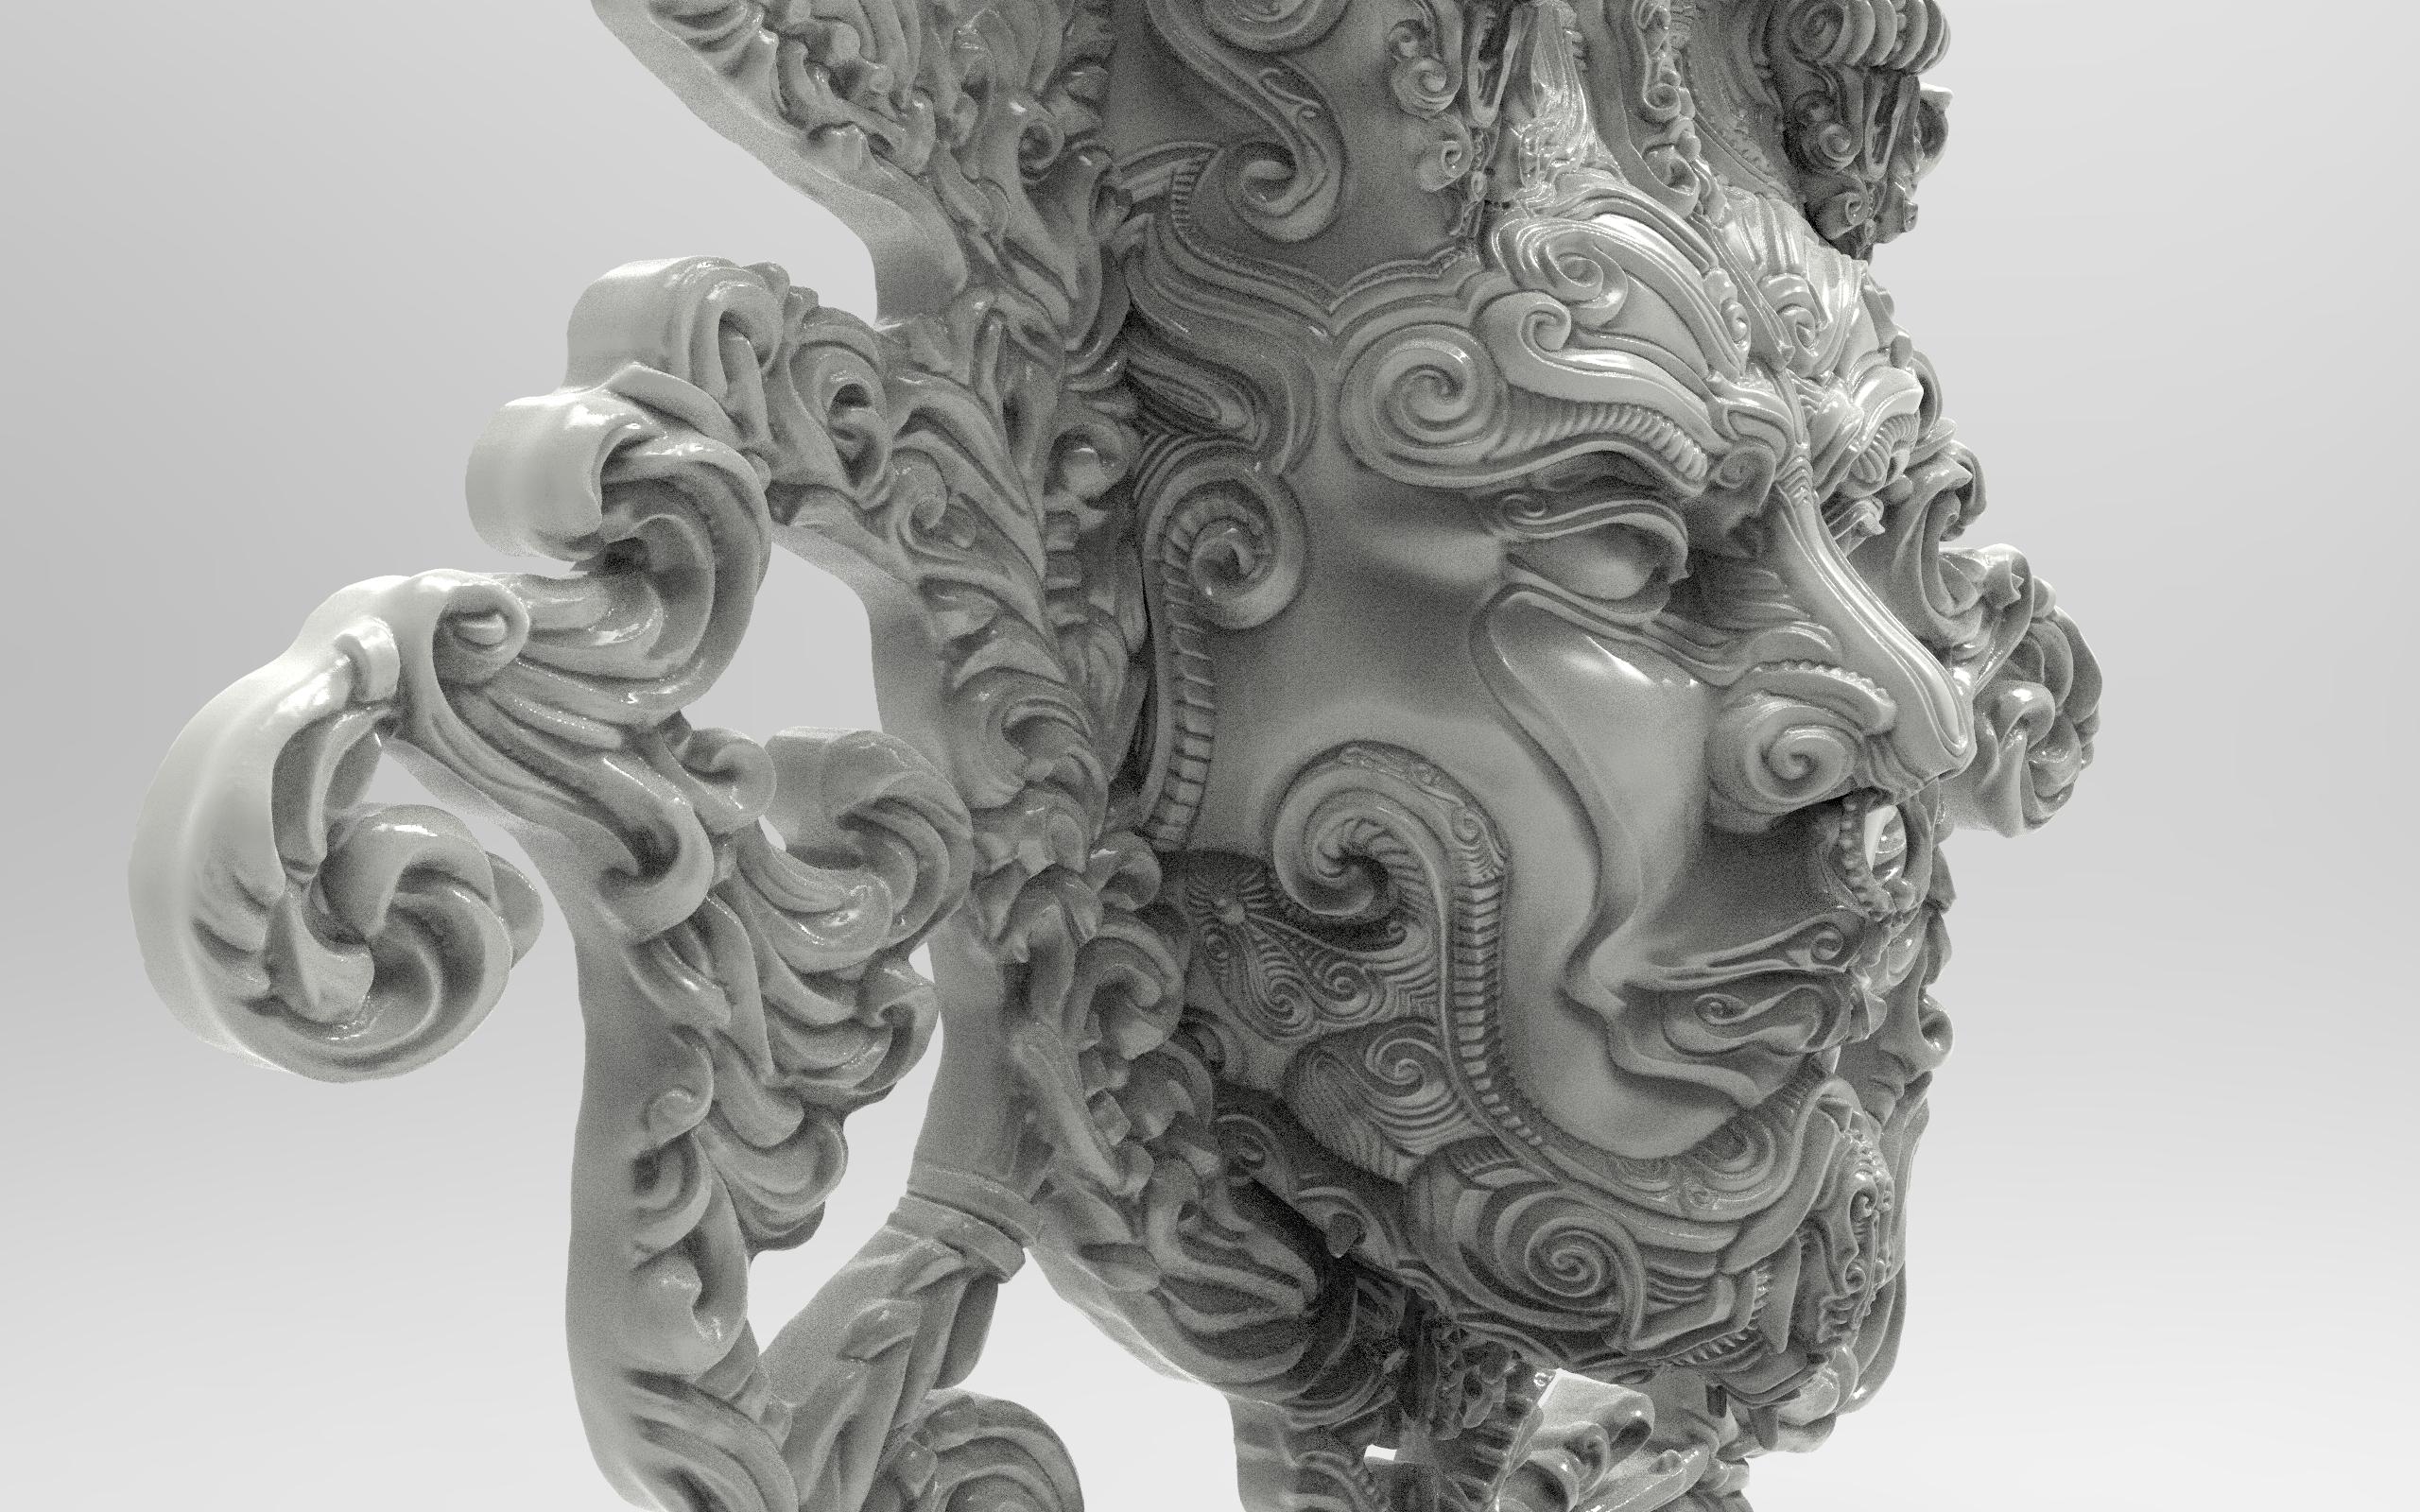 untitled.76.jpg Download OBJ file Arcane • 3D printer design, BLVCKGVLD